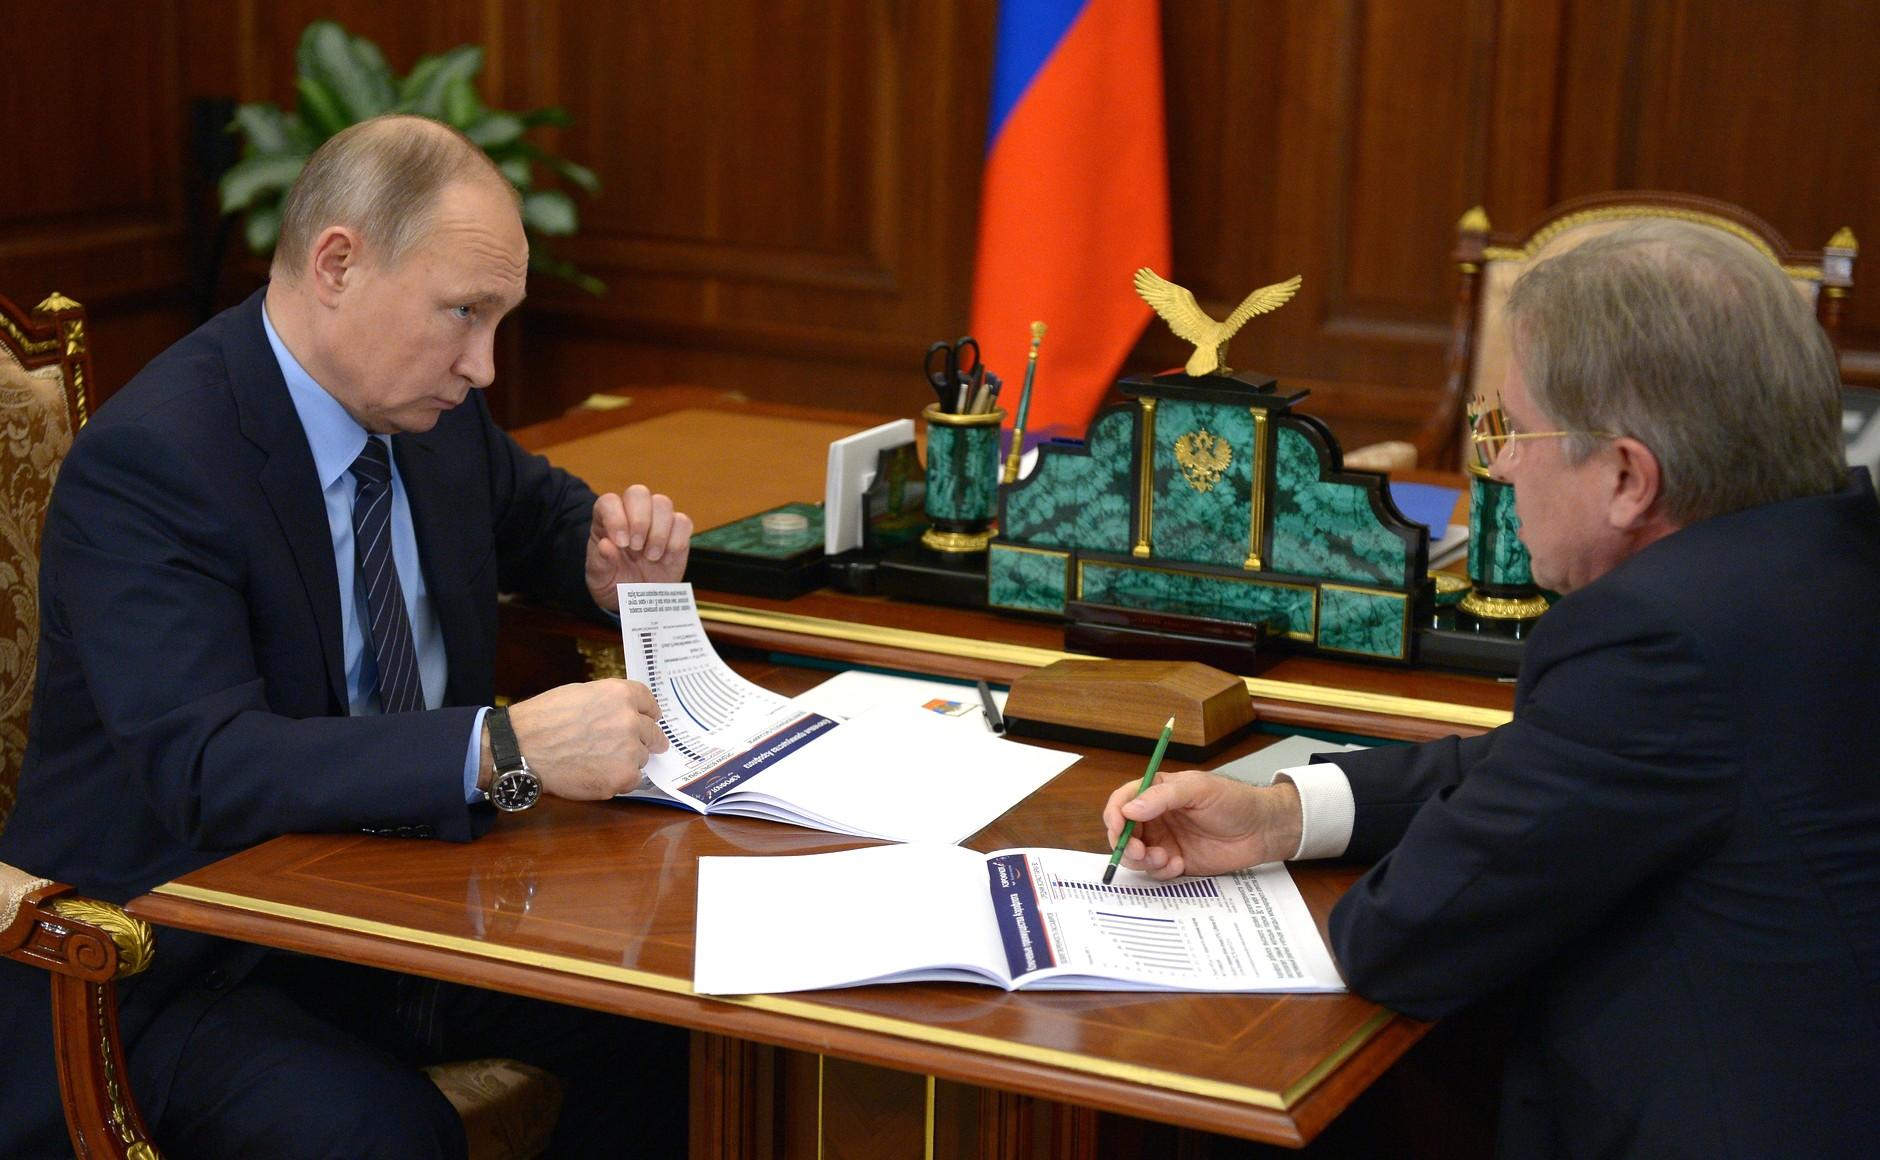 Aeroflot-Chef Saweljew im Gespräch mit Wladimir Putin (Foto: Kremlin.ru)